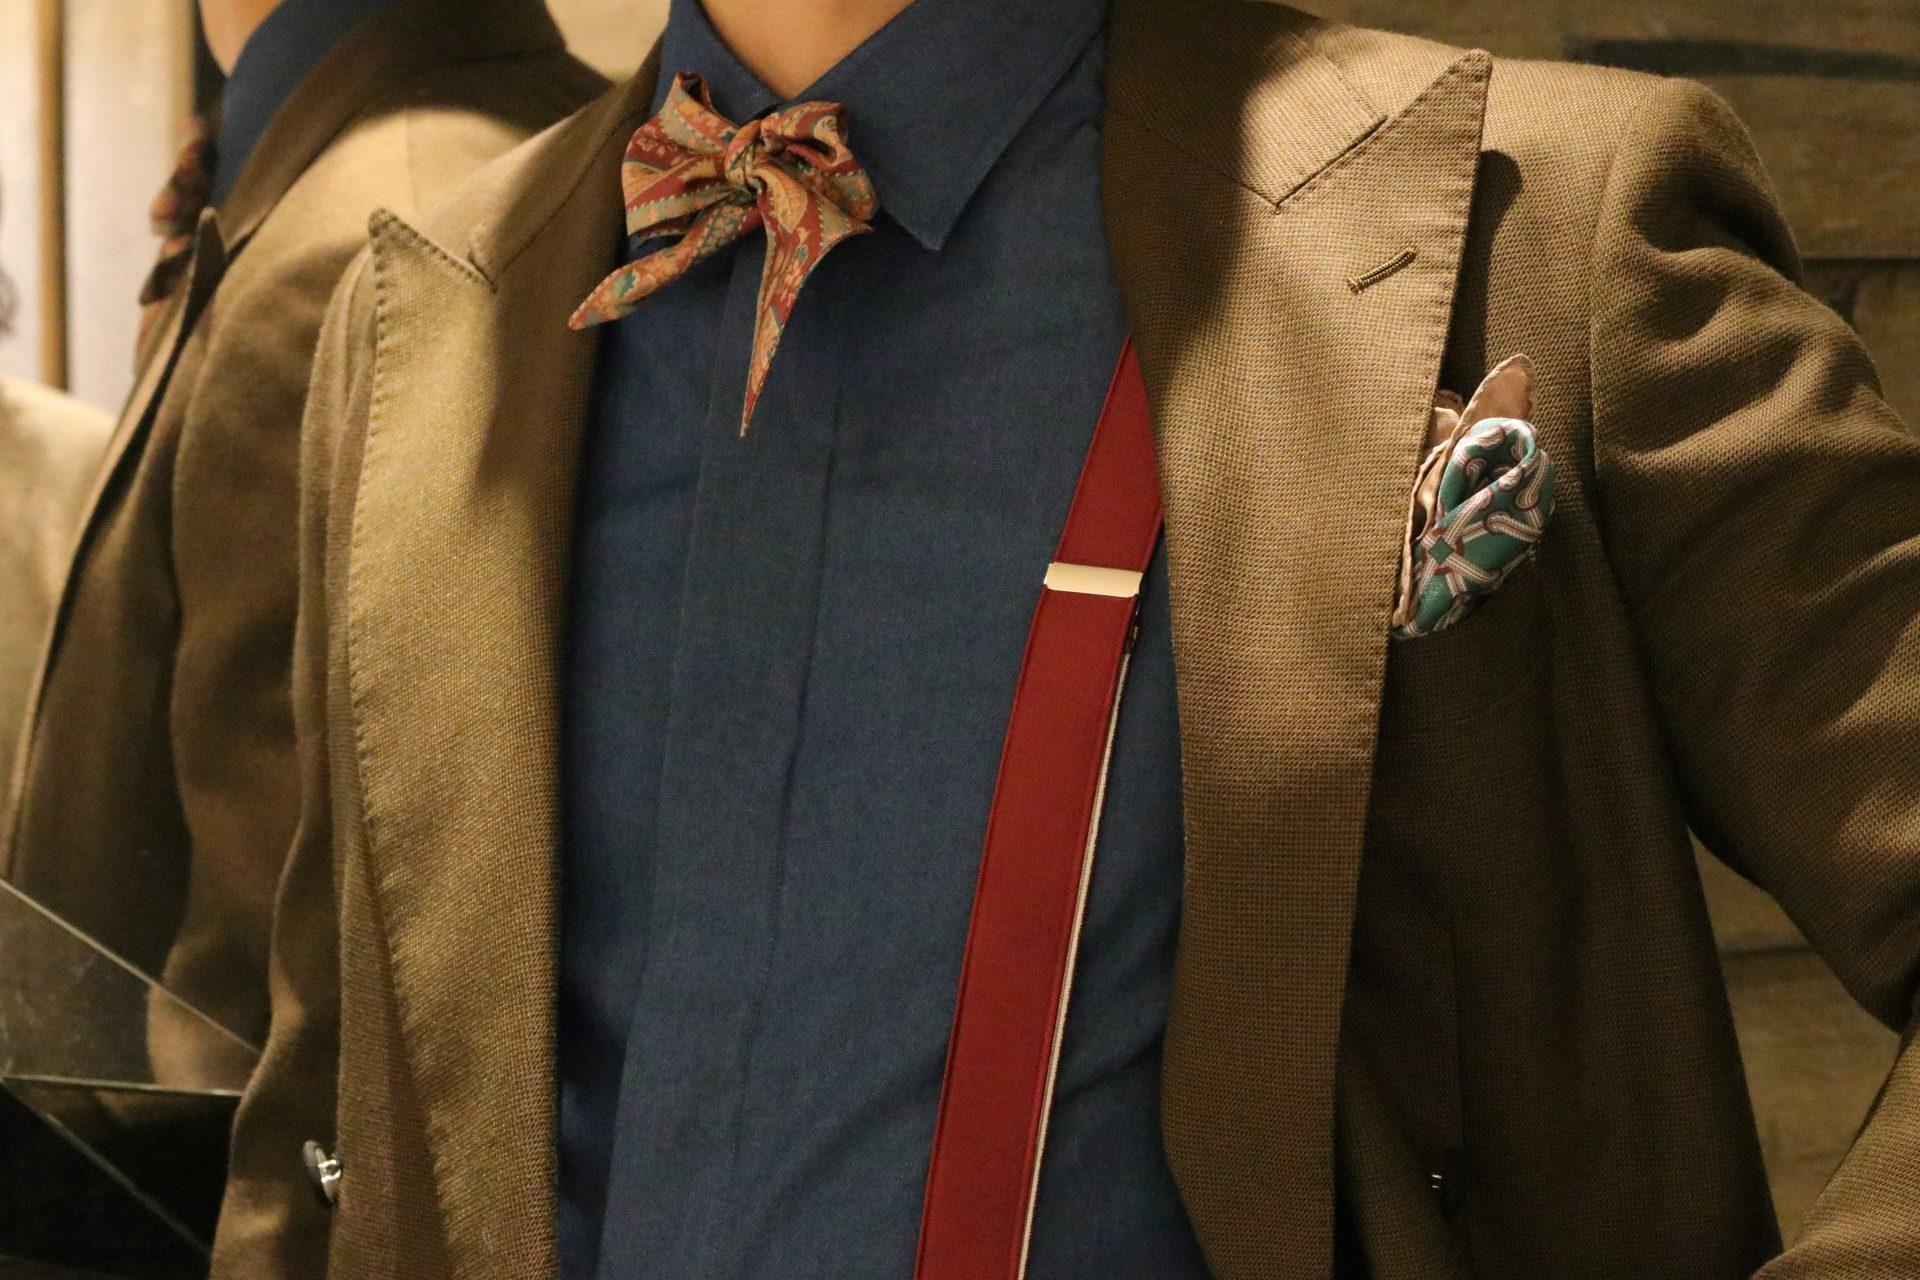 インスタグラムでも人気のTREATgentlemanがご提案するメンズウェアのコーディネートは、ブラウンのウェアに深みのあるデニムシャツとボルドーのサスペンダーやタイを合わせたシックな装いで、大人なホテルウェディングでのお色直しにおススメです。